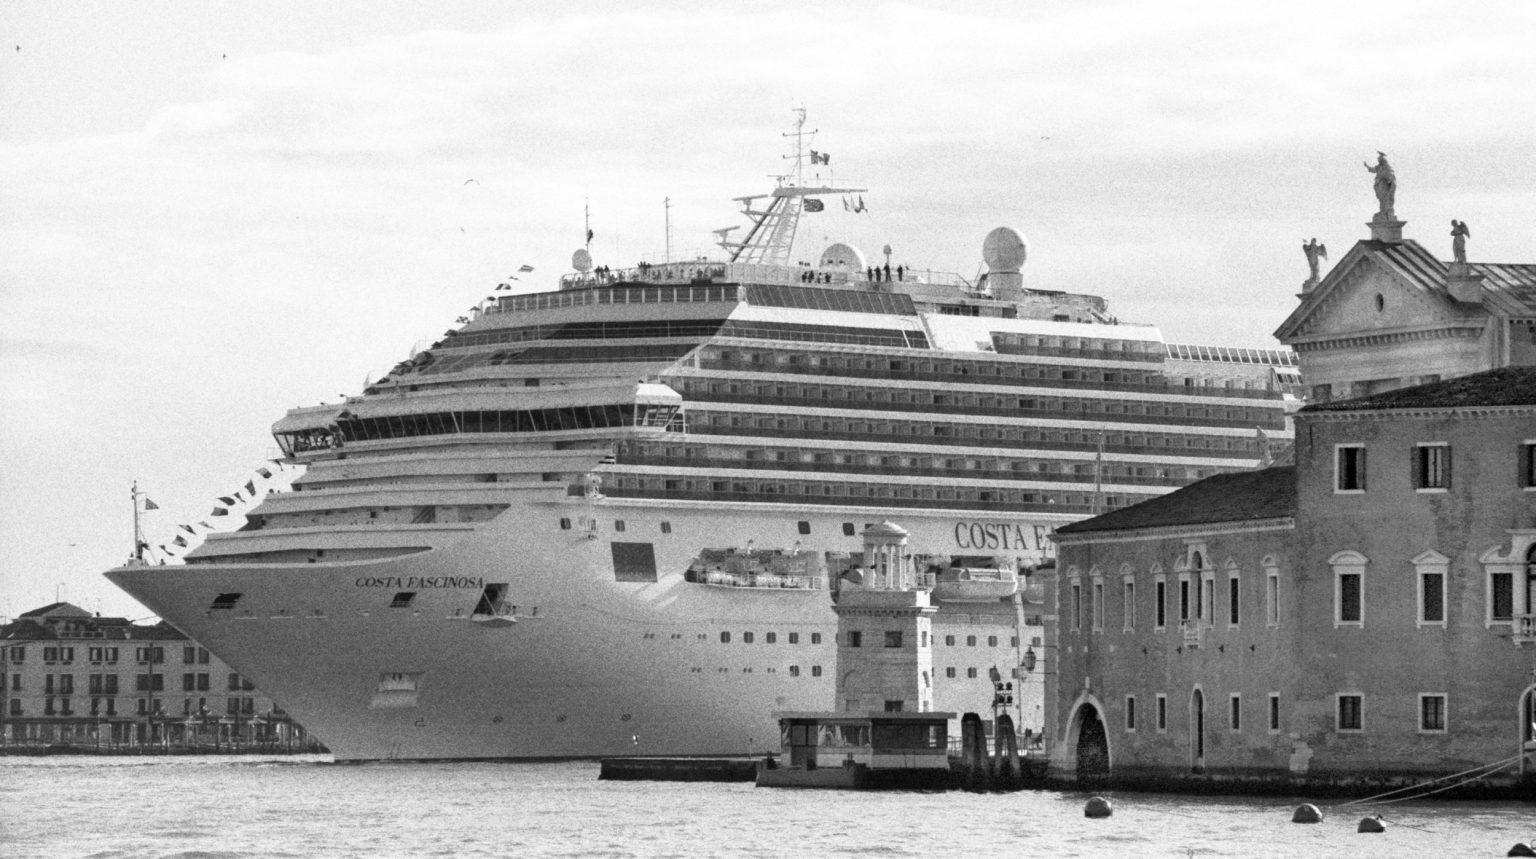 """Venice, April 2013 - Big cruise liners invade the city - Costa Fascinosa cruise ship passing by the old town ><  Venezia, aprile 2013 - Le grandi navi da crociera invadono la città - La nave da crociera Costa Fascinosa passa davanti al centro storico<p><span style=""""color: #ff0000""""><strong>*** SPECIAL   FEE   APPLIES ***</strong></span></p>*** SPECIAL   FEE   APPLIES *** *** Local Caption *** 00473490"""